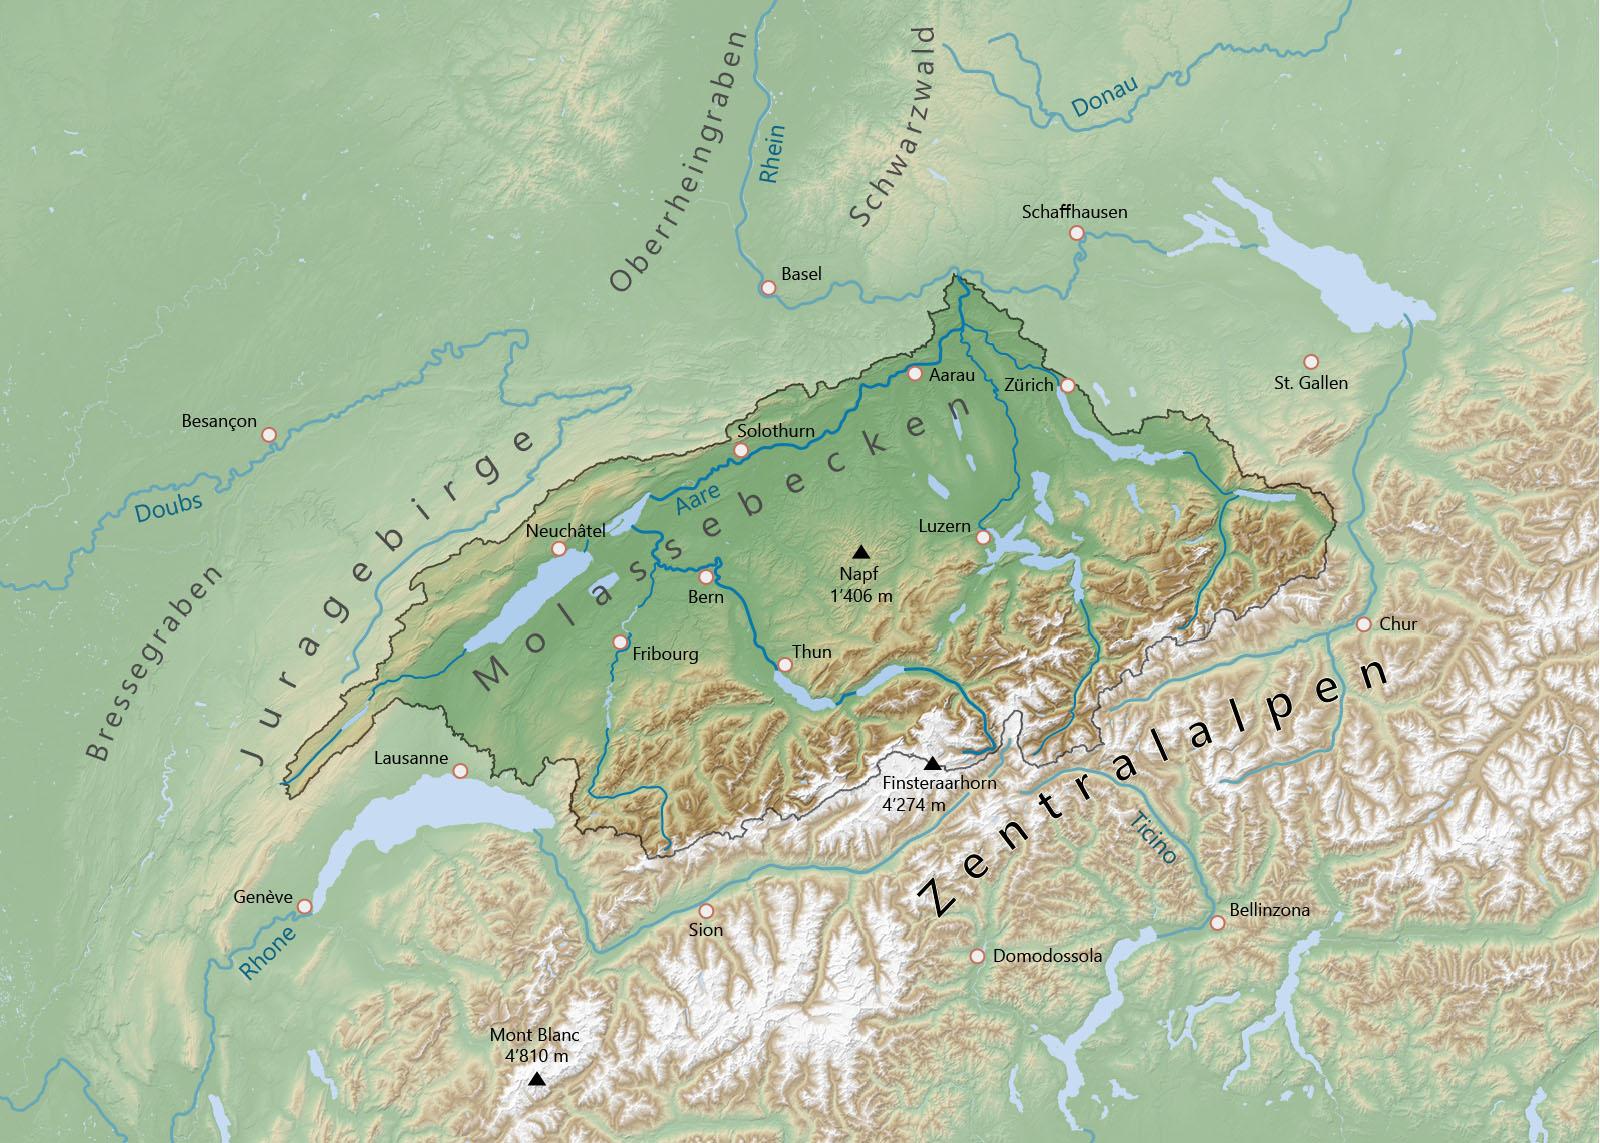 Einzugsgebiet und Topografie des Aaresystems. Karte: Erstellt mit QGIS, basierend auf NASA SRTM-Daten